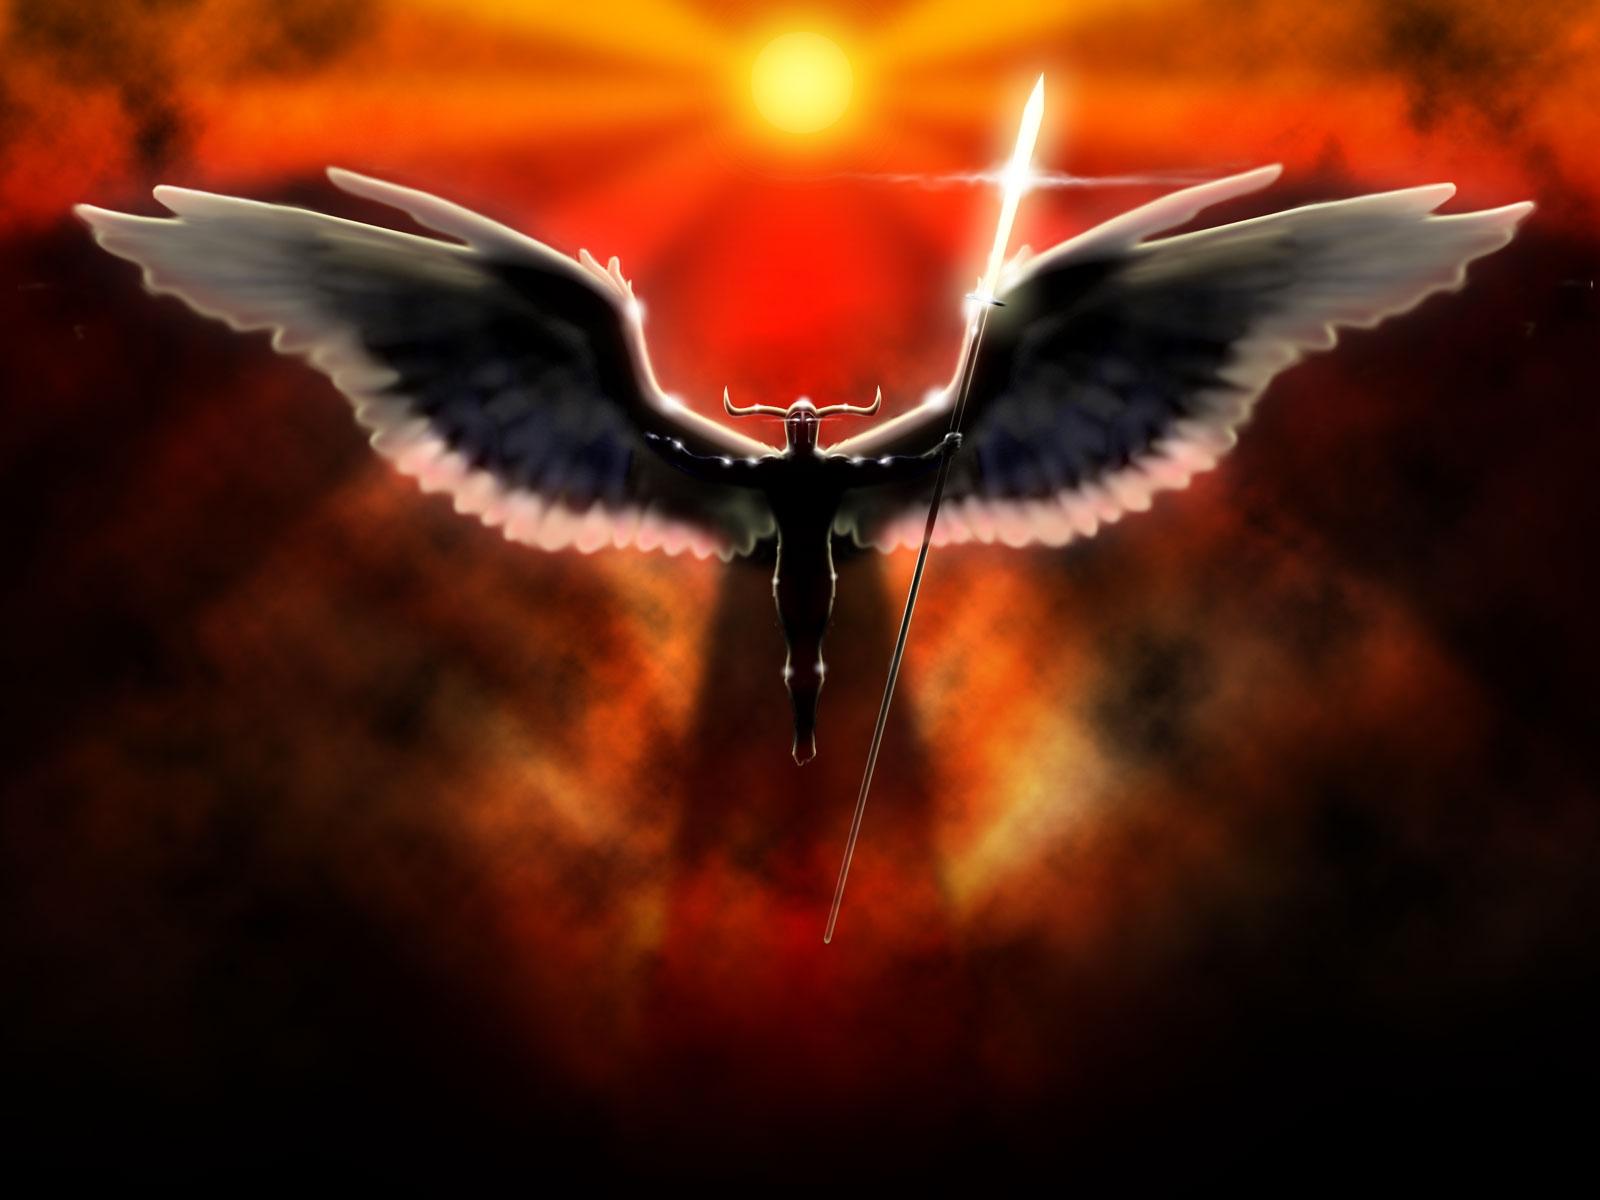 Fantasy - Angel Warrior Angel Fallen Angel Wings Spear Wallpaper